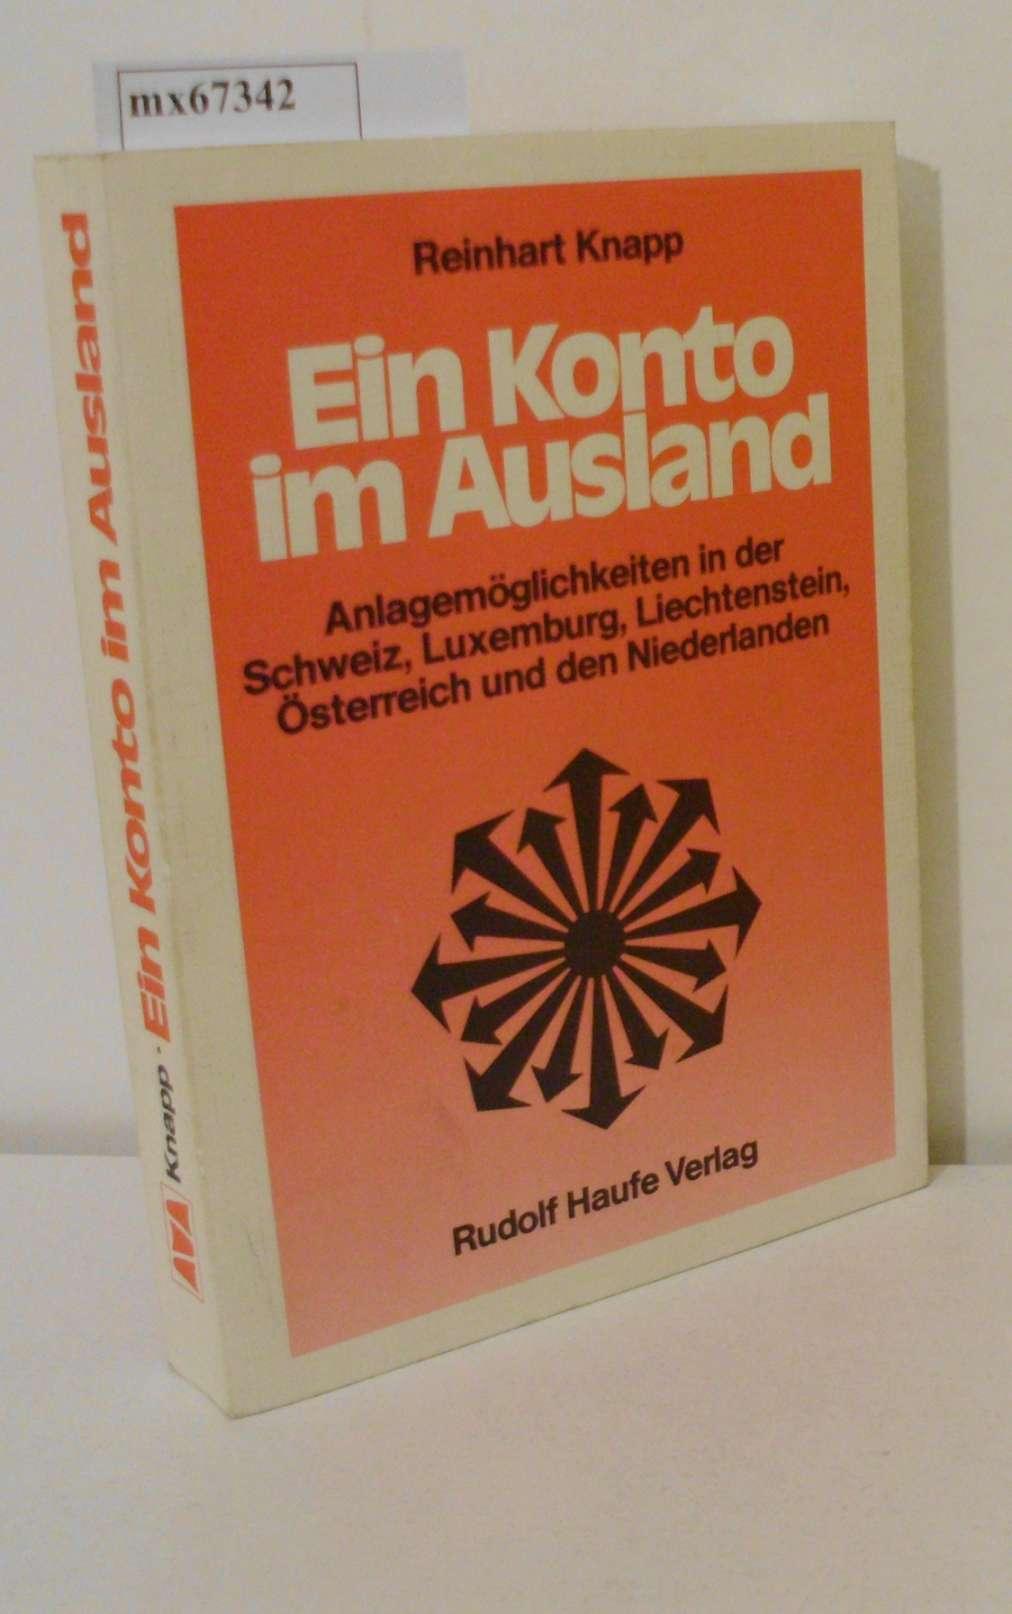 Knapp,  Reinhart: Ein  Konto im Ausland Anlagemöglichkeiten in d. Schweiz, Luxemburg, Liechtenstein, Österreich u.d. Niederlanden / von Reinhart Knapp